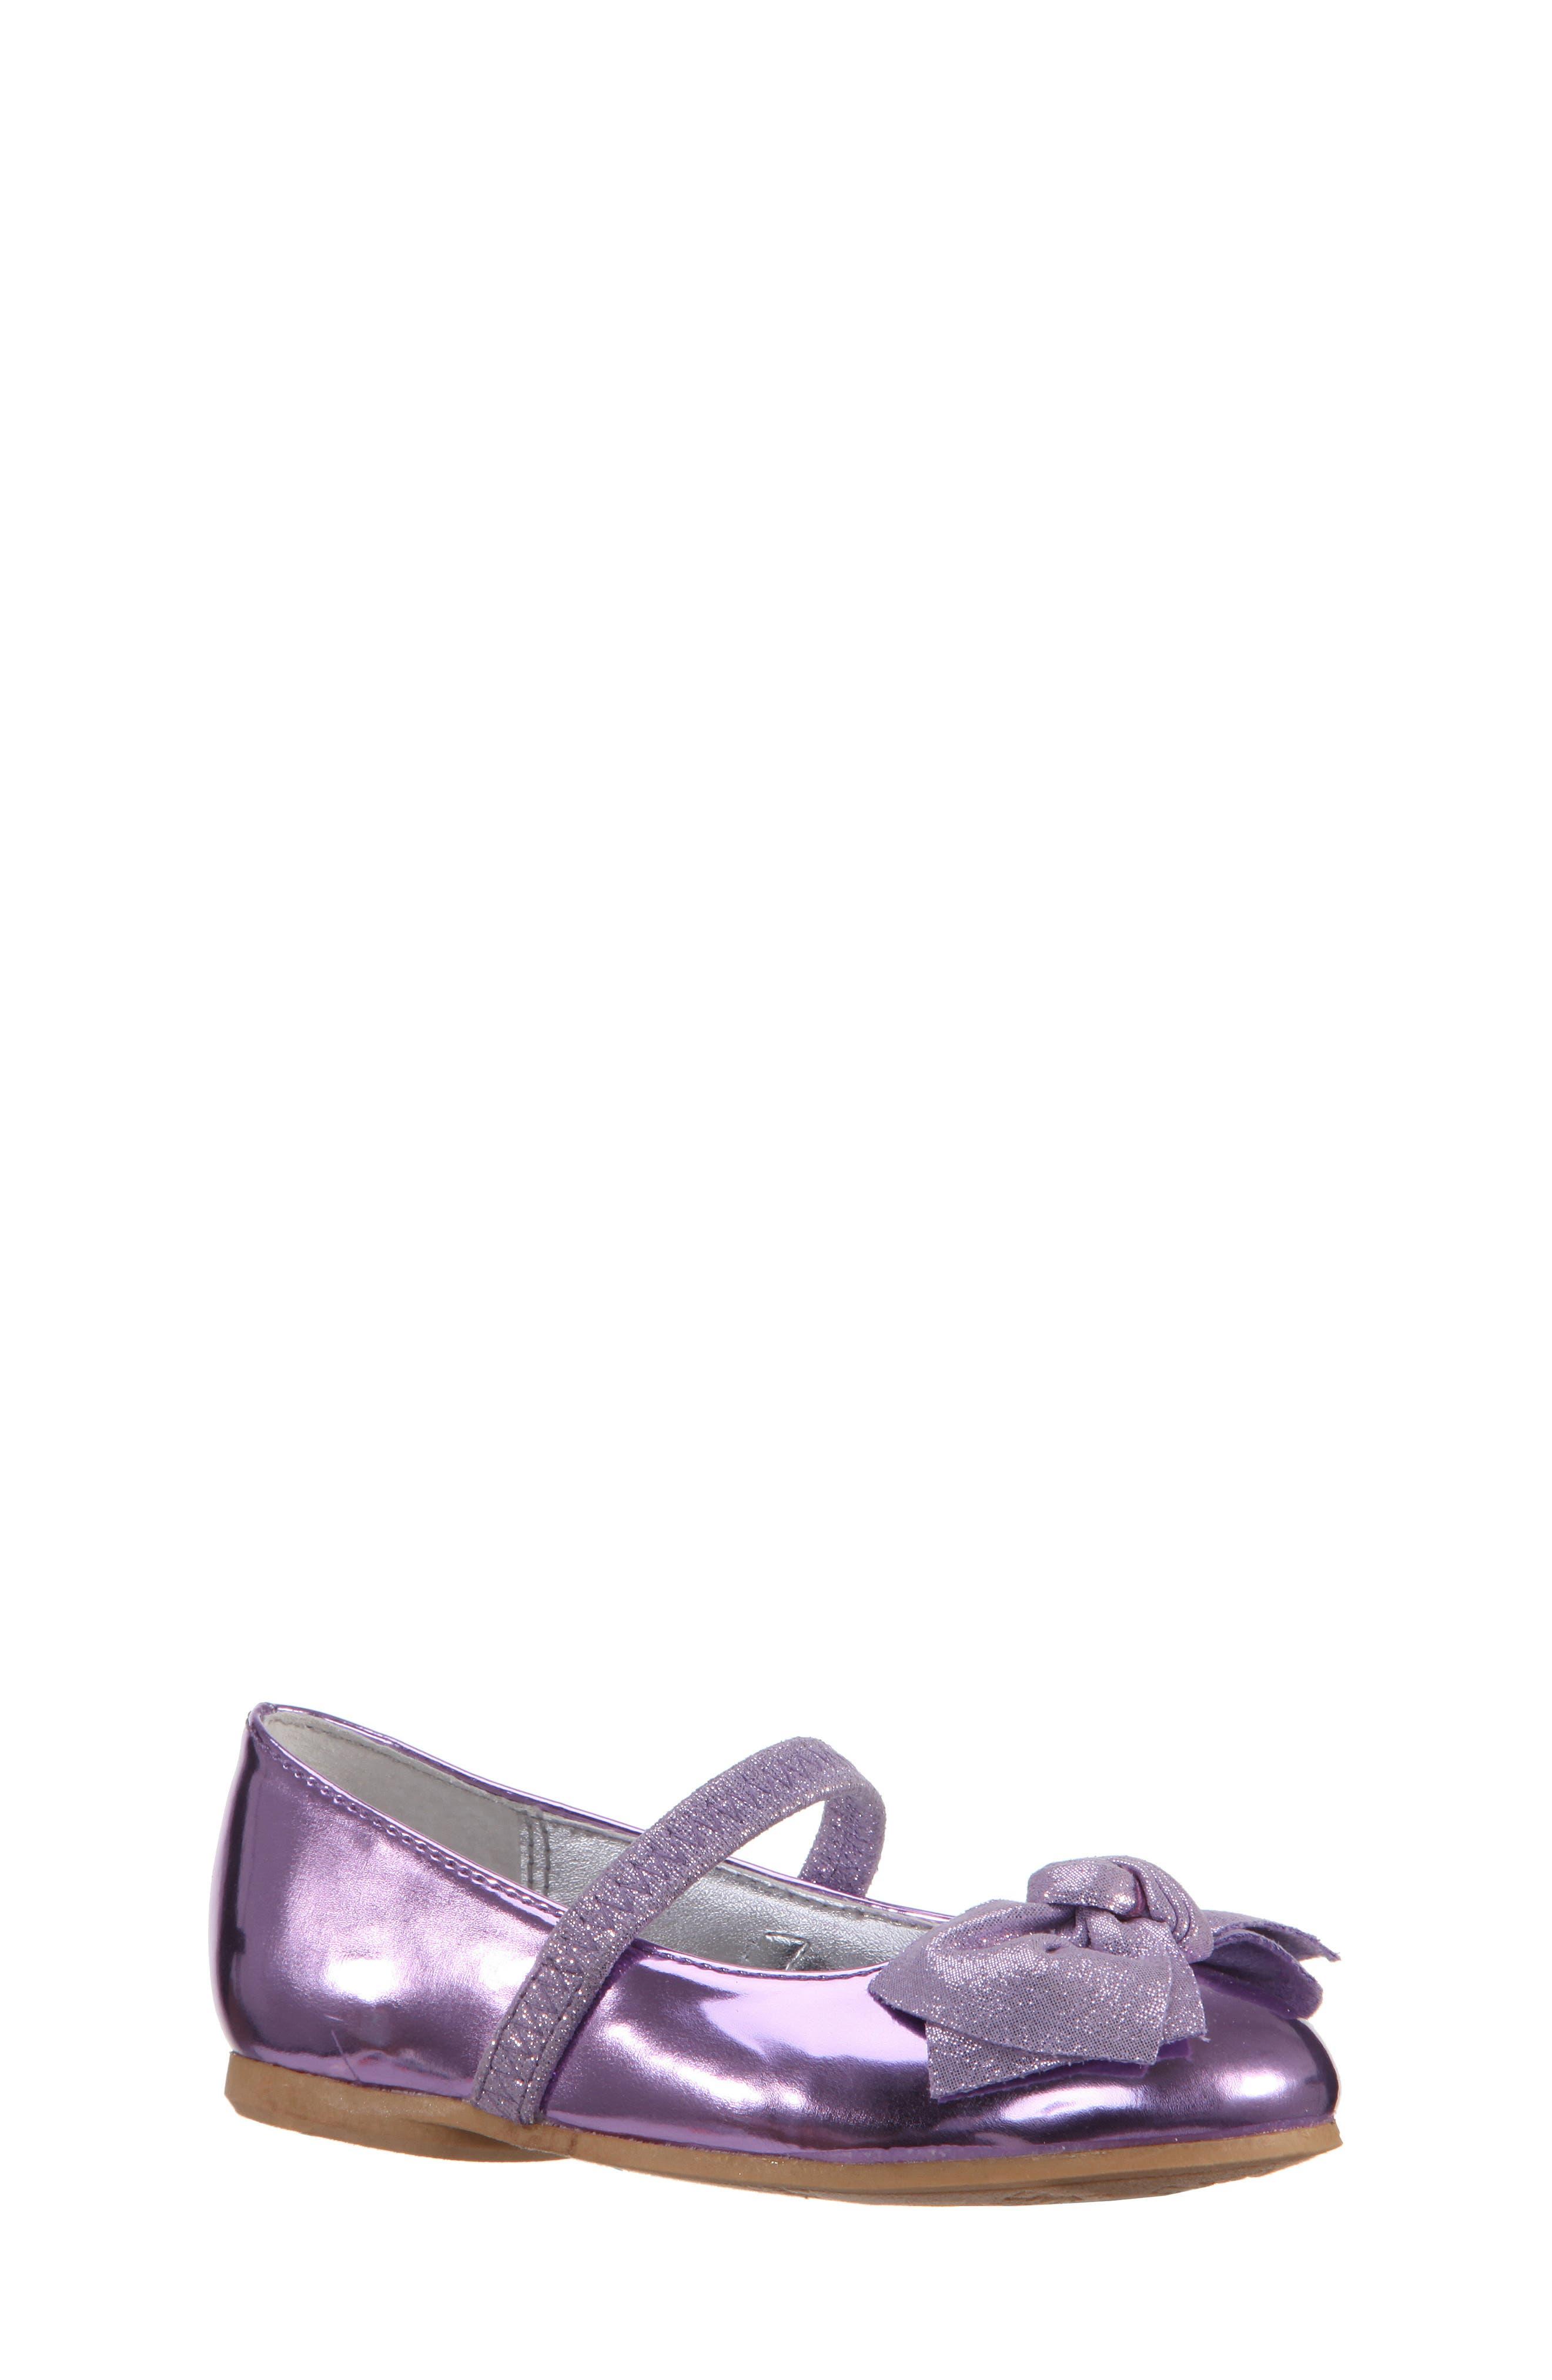 Kaytelyn-T Glitter Bow Ballet Flat,                             Main thumbnail 4, color,